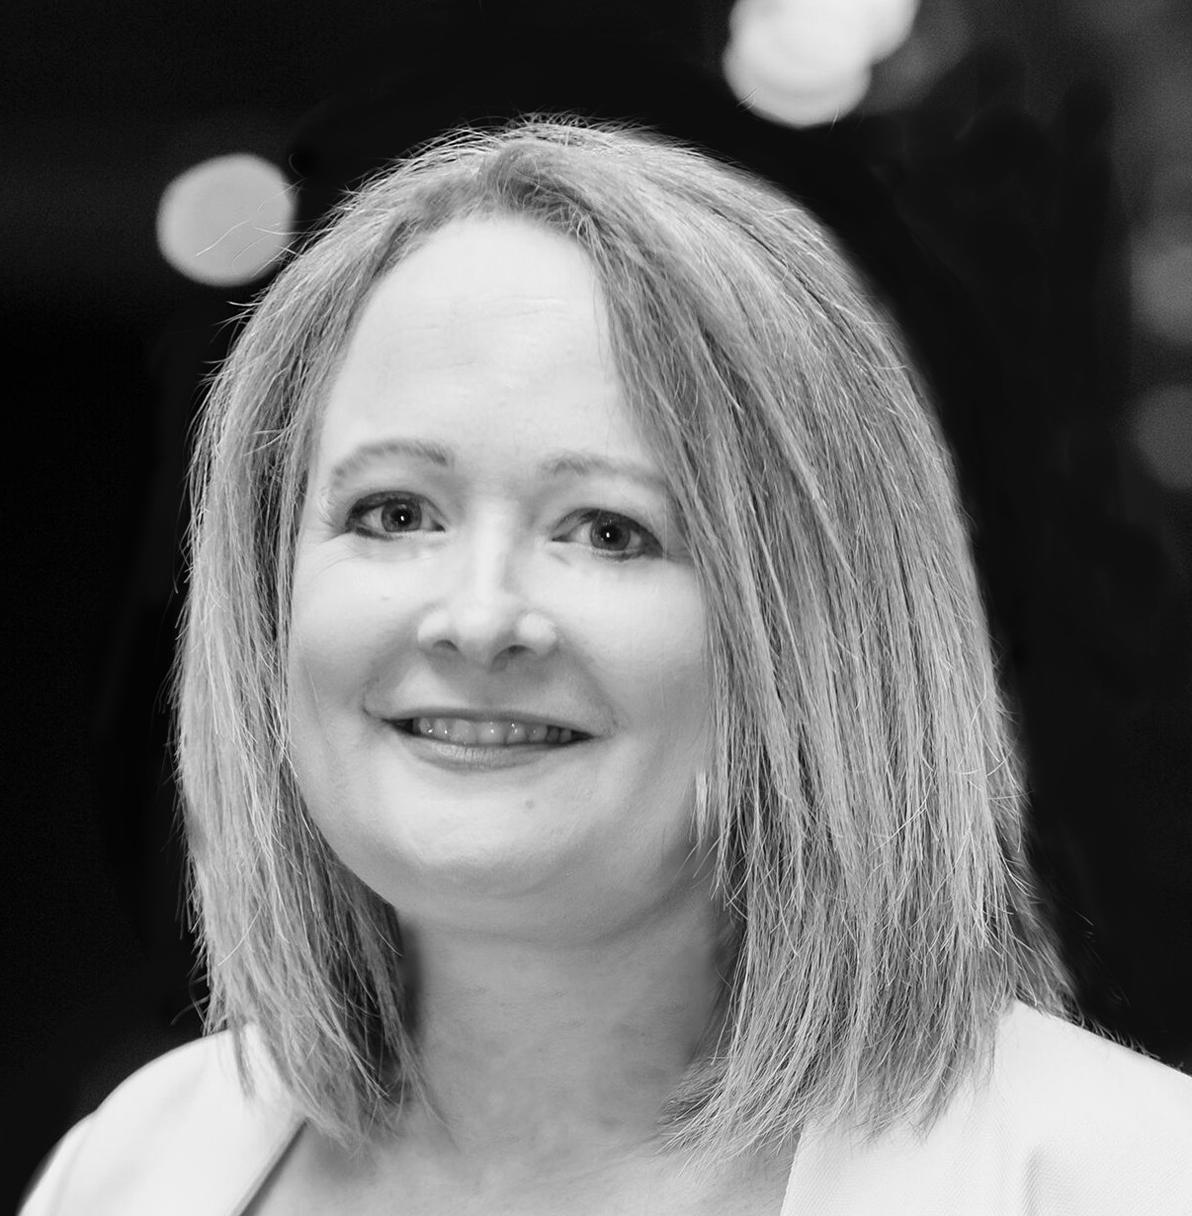 Helen McKeever